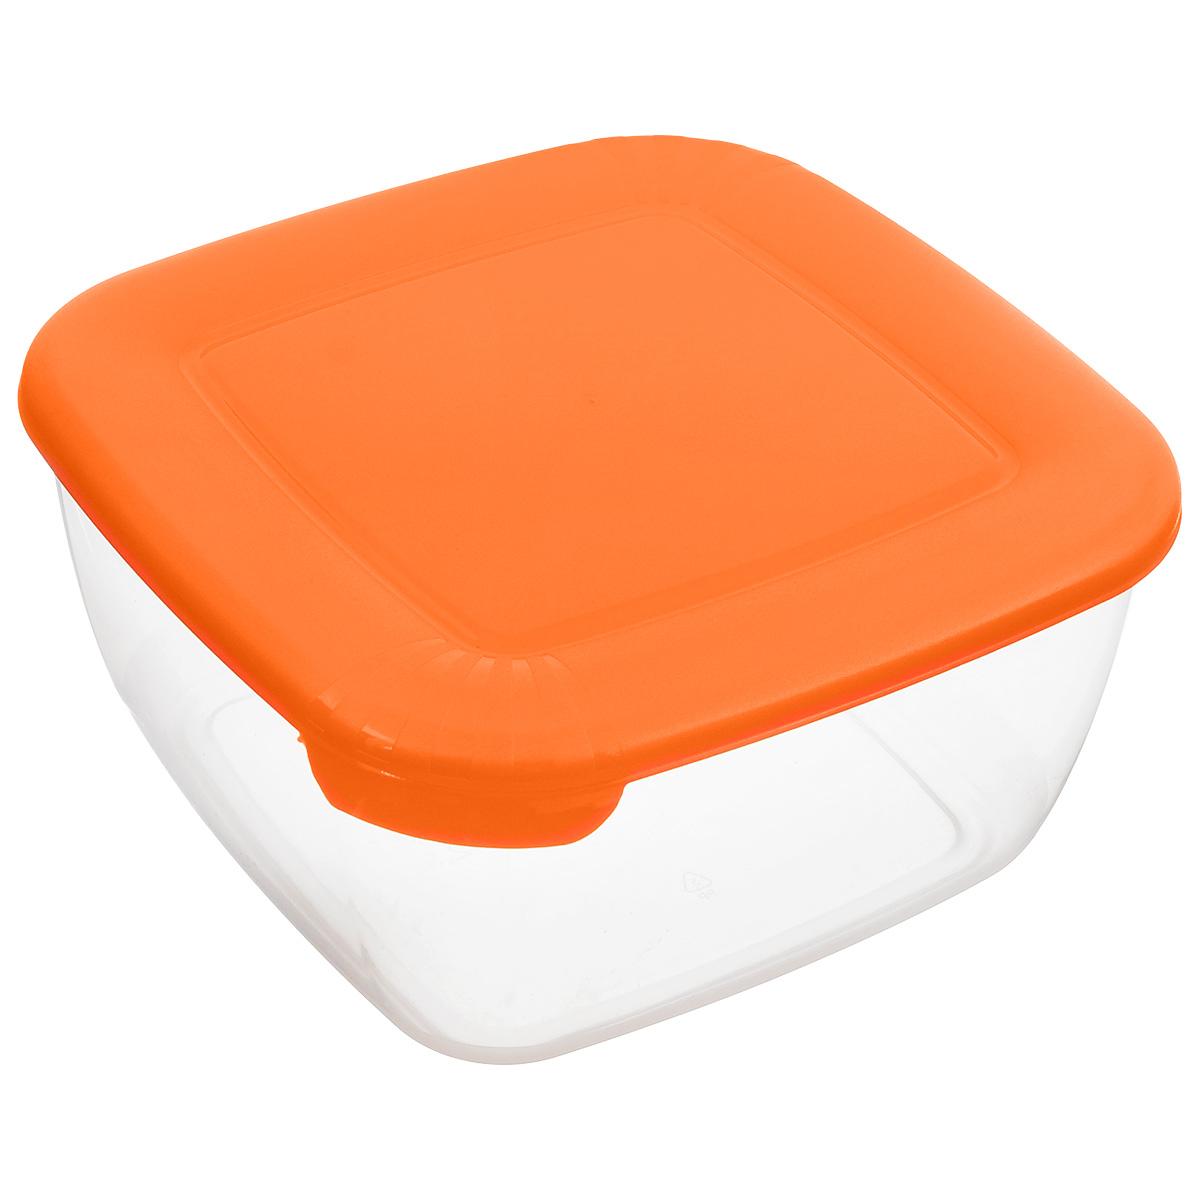 Контейнер Полимербыт Лайт, цвет: оранжевый, прозрачный, 2,5 лС544_оранжевыйКонтейнер Полимербыт Лайт квадратной формы, изготовленный из прочного пластика, предназначен специально для хранения пищевых продуктов. Крышка легко открывается и плотно закрывается. Контейнер устойчив к воздействию масел и жиров, легко моется. Прозрачные стенки позволяют видеть содержимое. Контейнер имеет возможность хранения продуктов глубокой заморозки, обладает высокой прочностью. Подходит для использования в микроволновых печах. Можно мыть в посудомоечной машине.